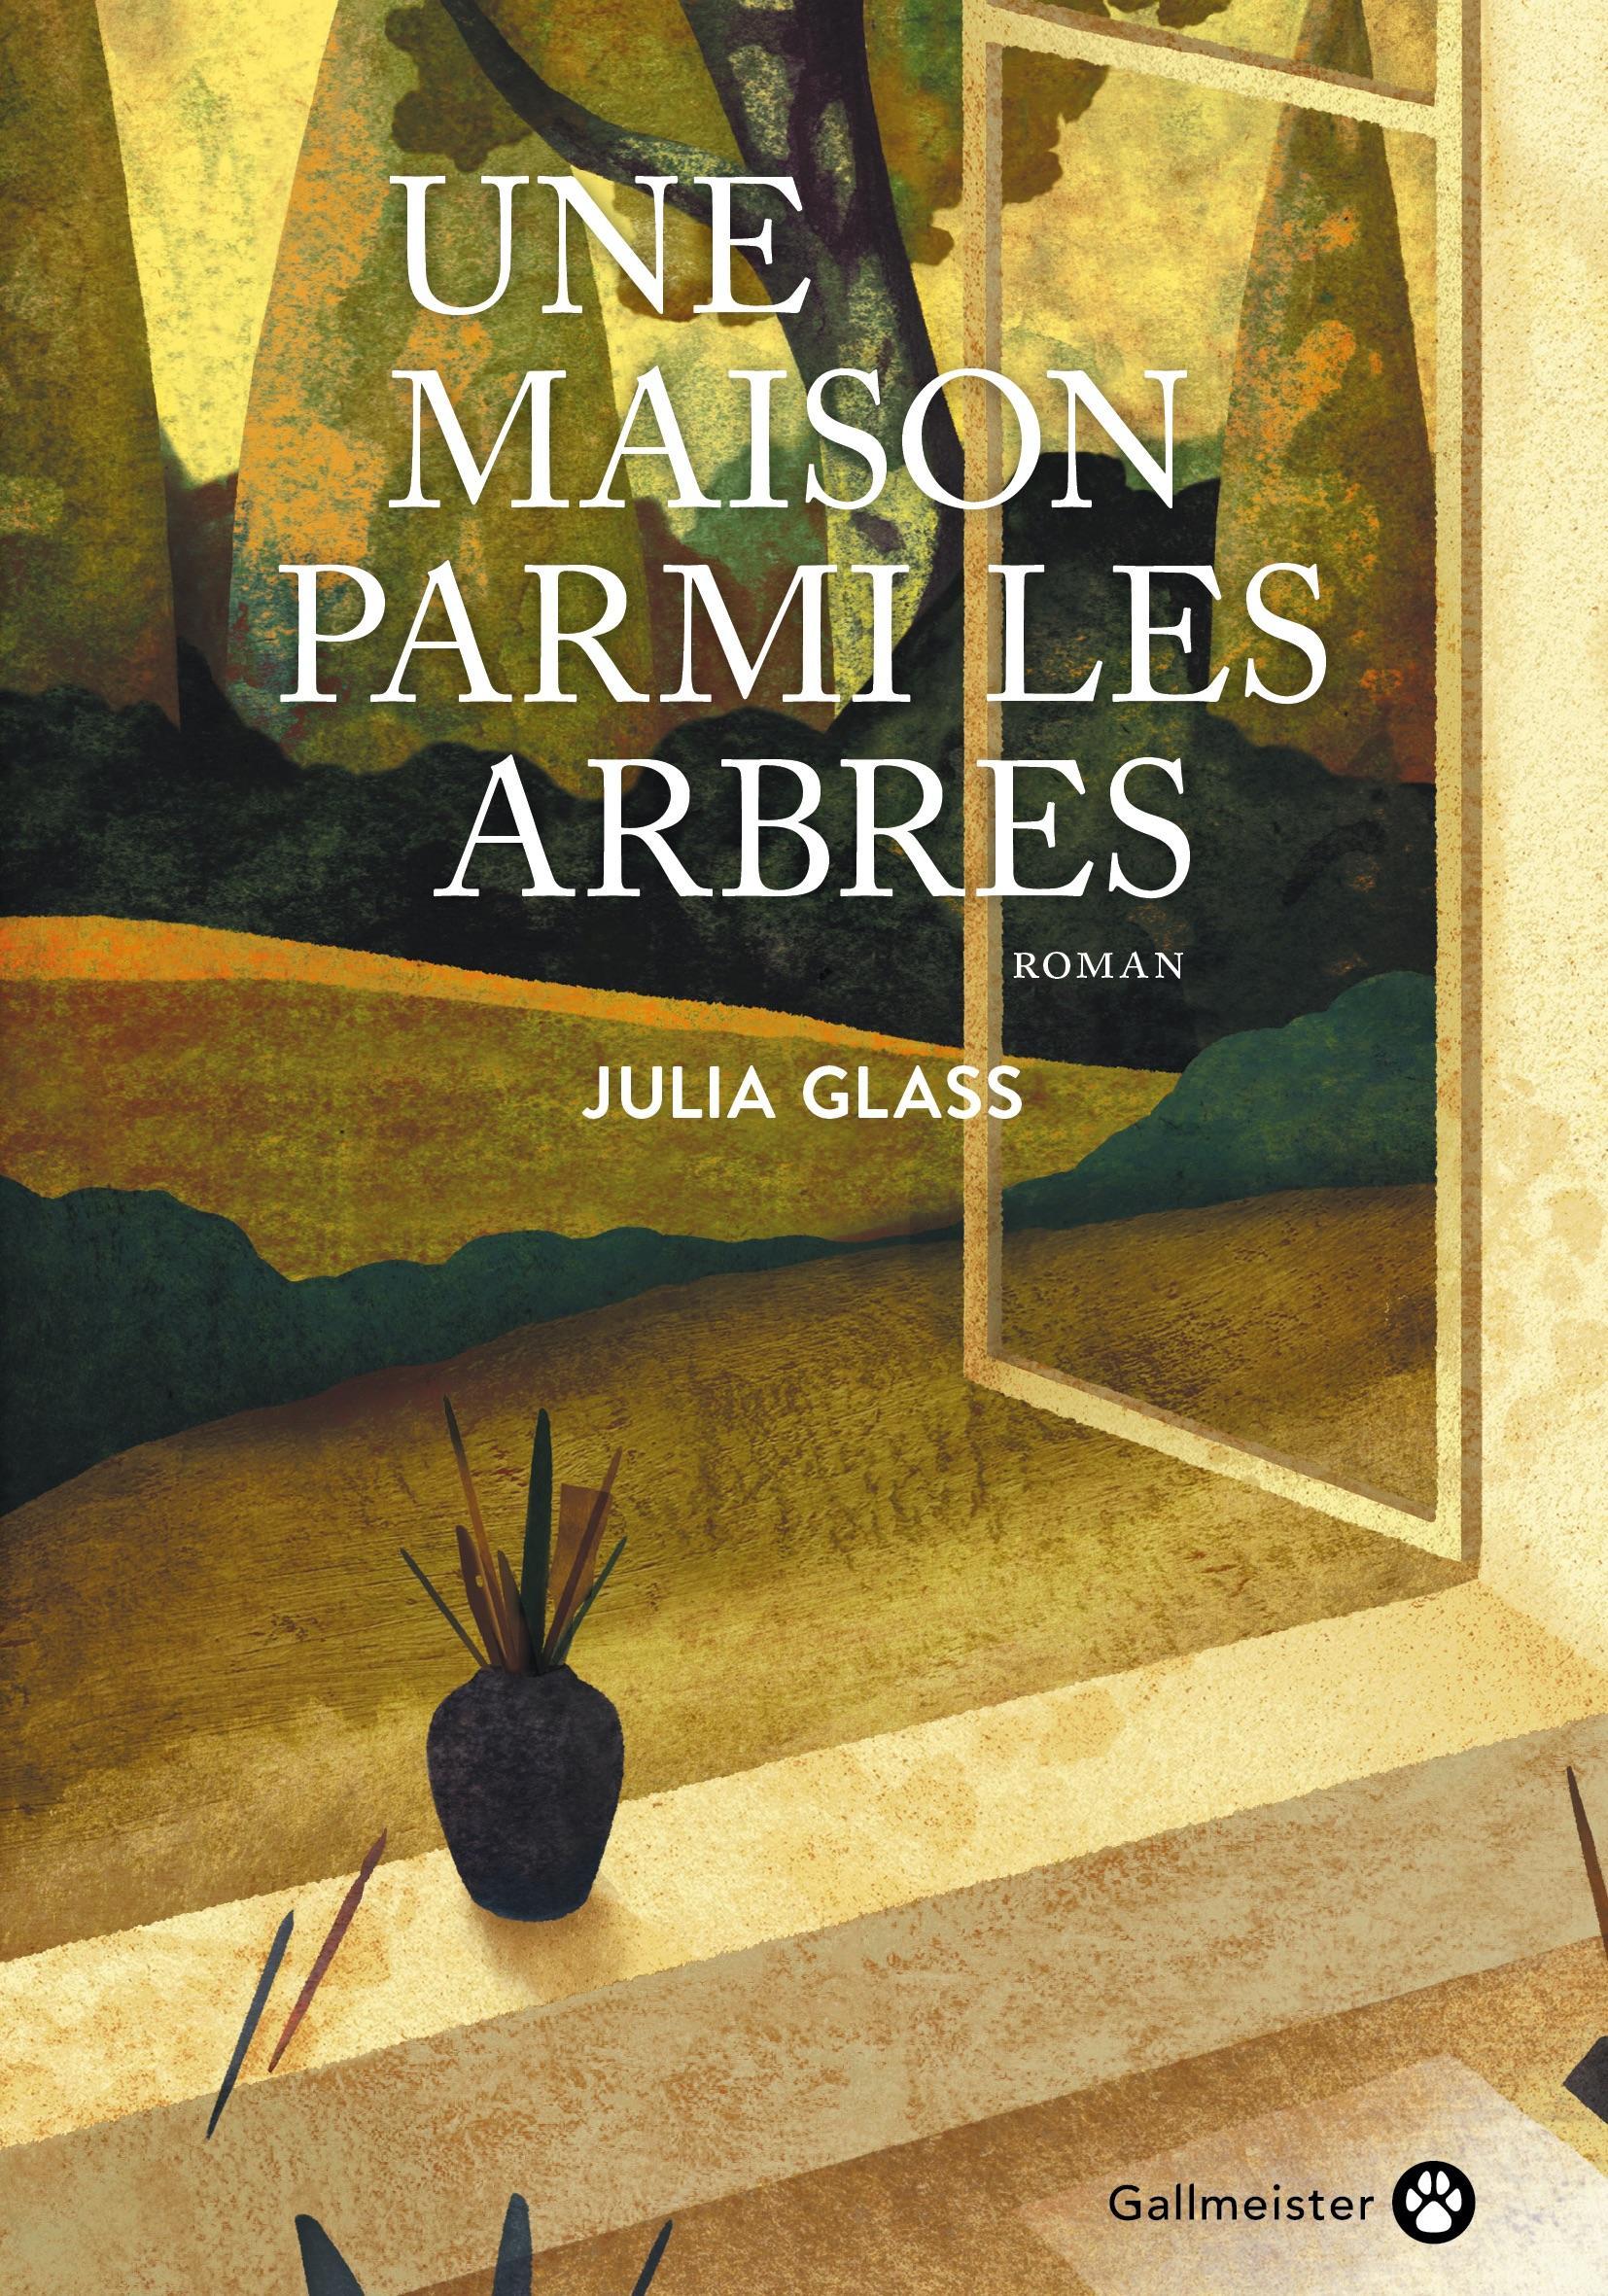 Couverture du livre : dessin d'une fenêtre ouverte sur la forêt, avec un vase sur le rebord.